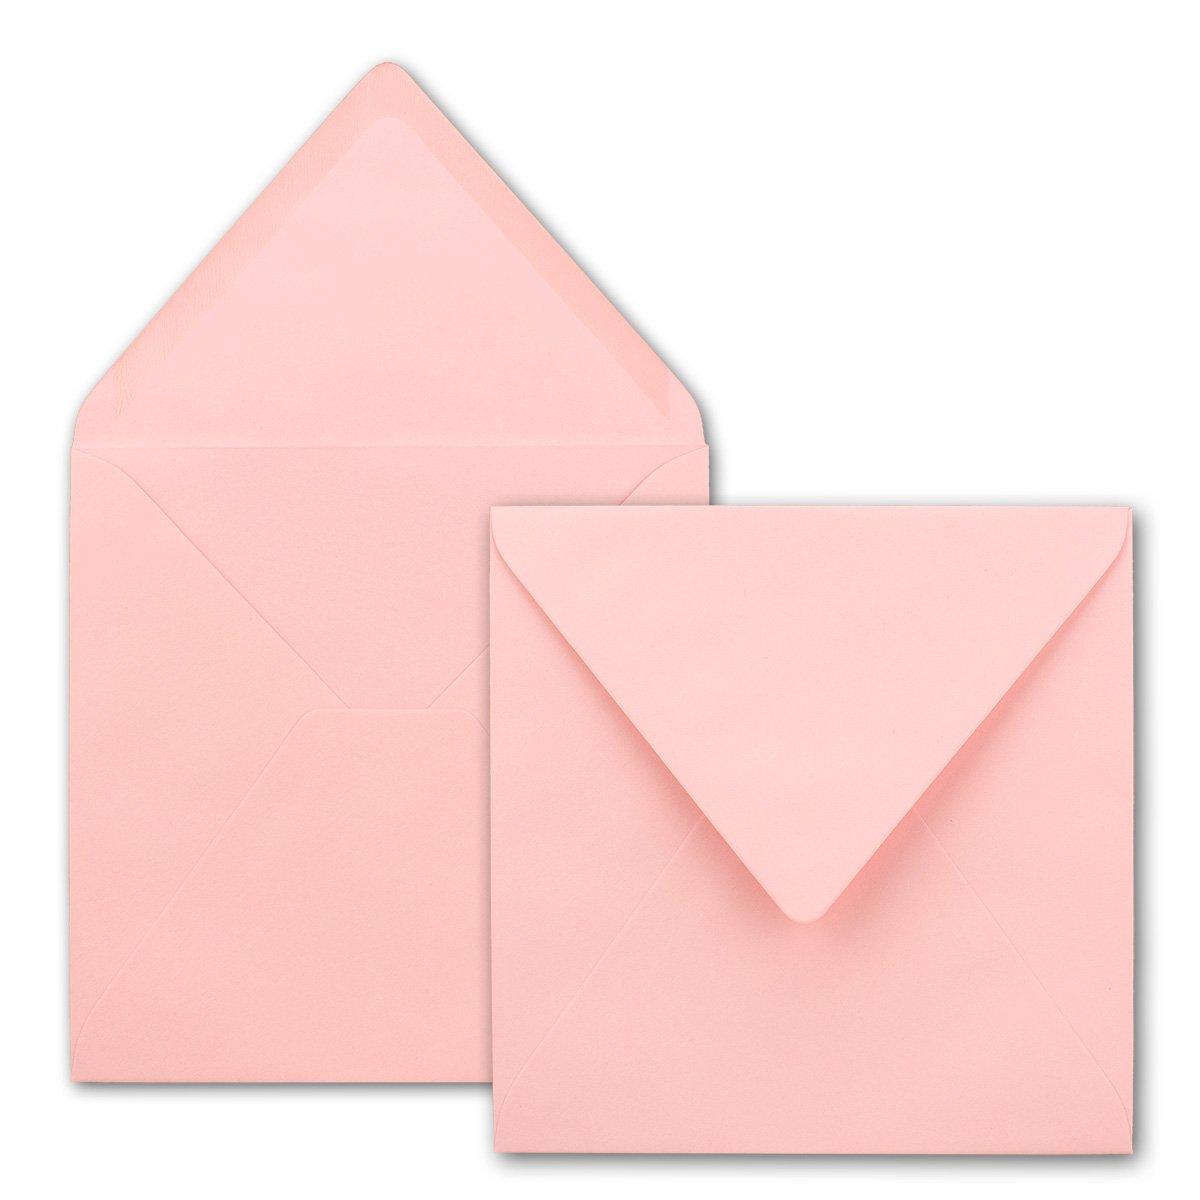 Quadratische Brief-Umschläge - Farbe Hochweiss     150 Stück   155 x 155 mm   Nassklebung   Für Einladungen & Hochzeit    Serie FarbenFroh® B07D2G1JDB | Deutschland Online Shop  bdd739